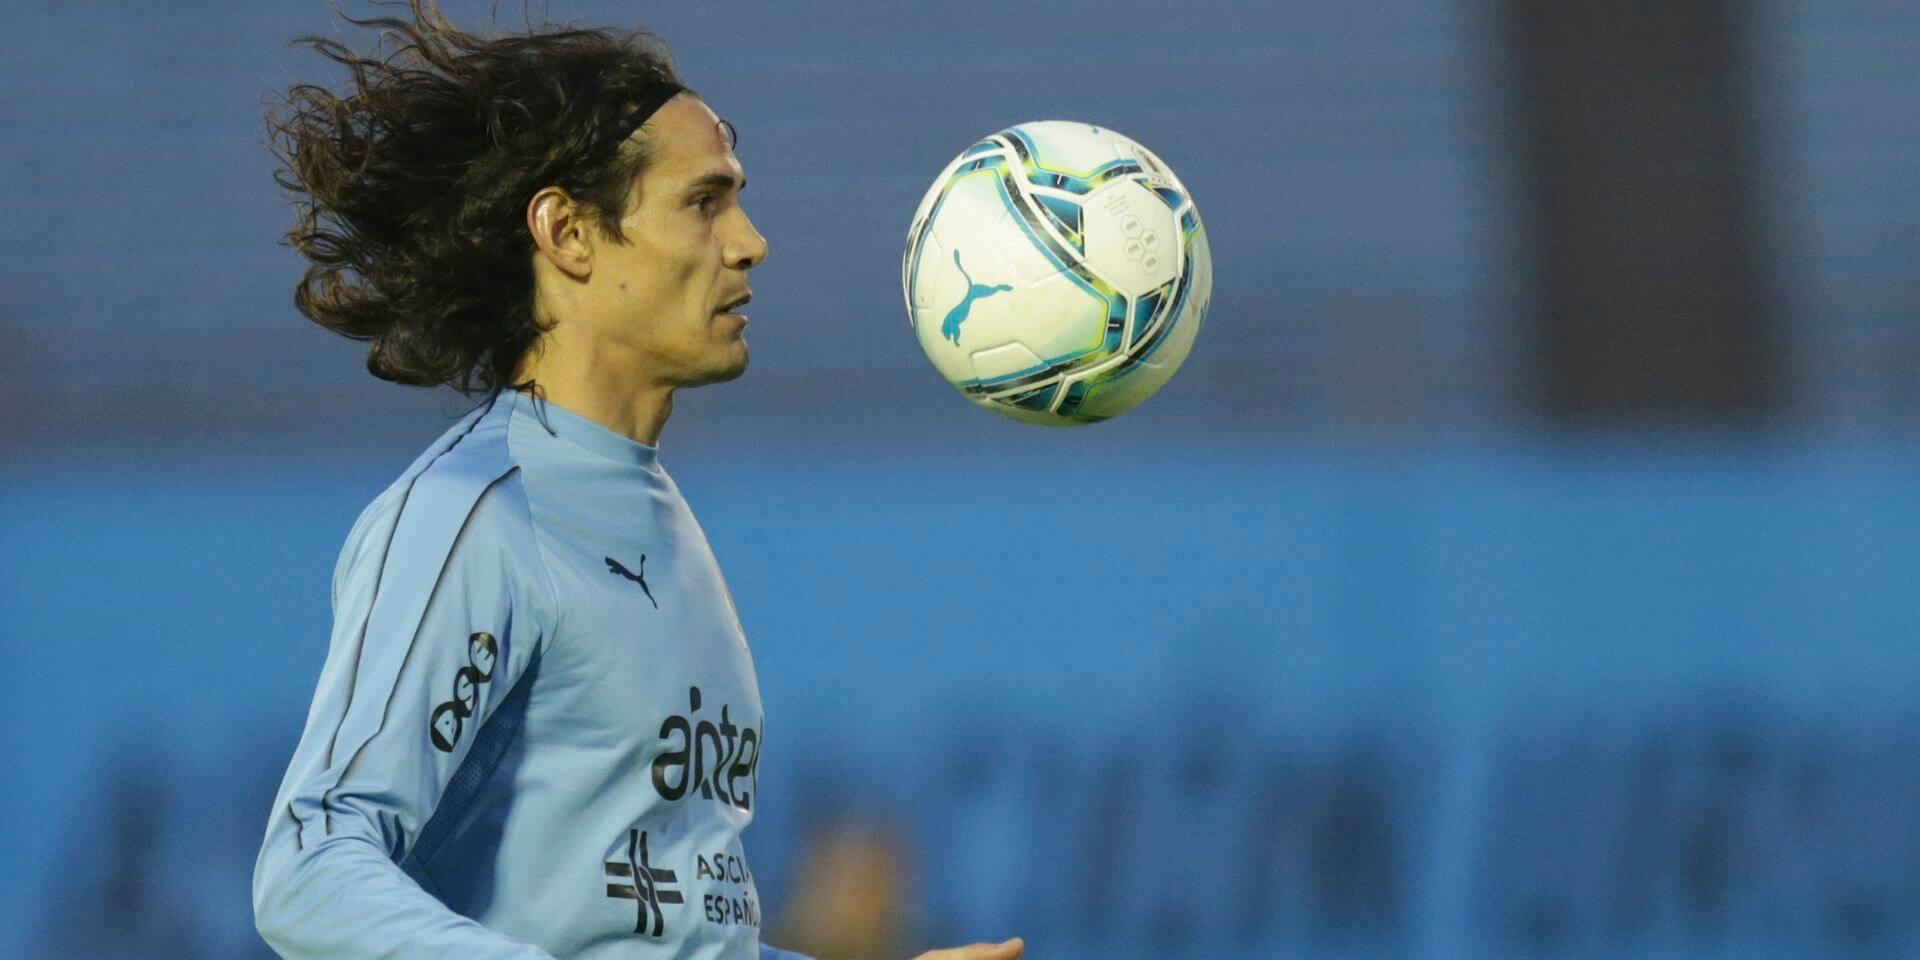 Le syndicat des footballeurs uruguayens défend Cavani et accuse la FA de discrimination